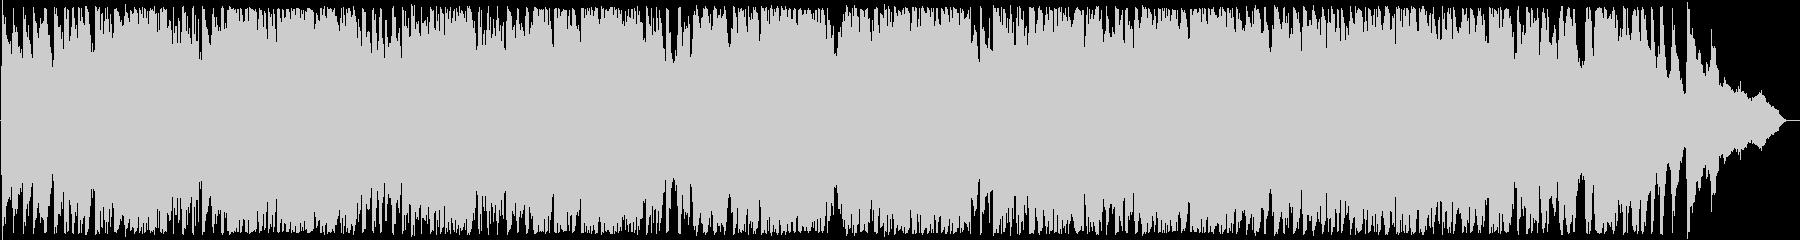 迫力ある弦楽器とピアノの演奏の未再生の波形